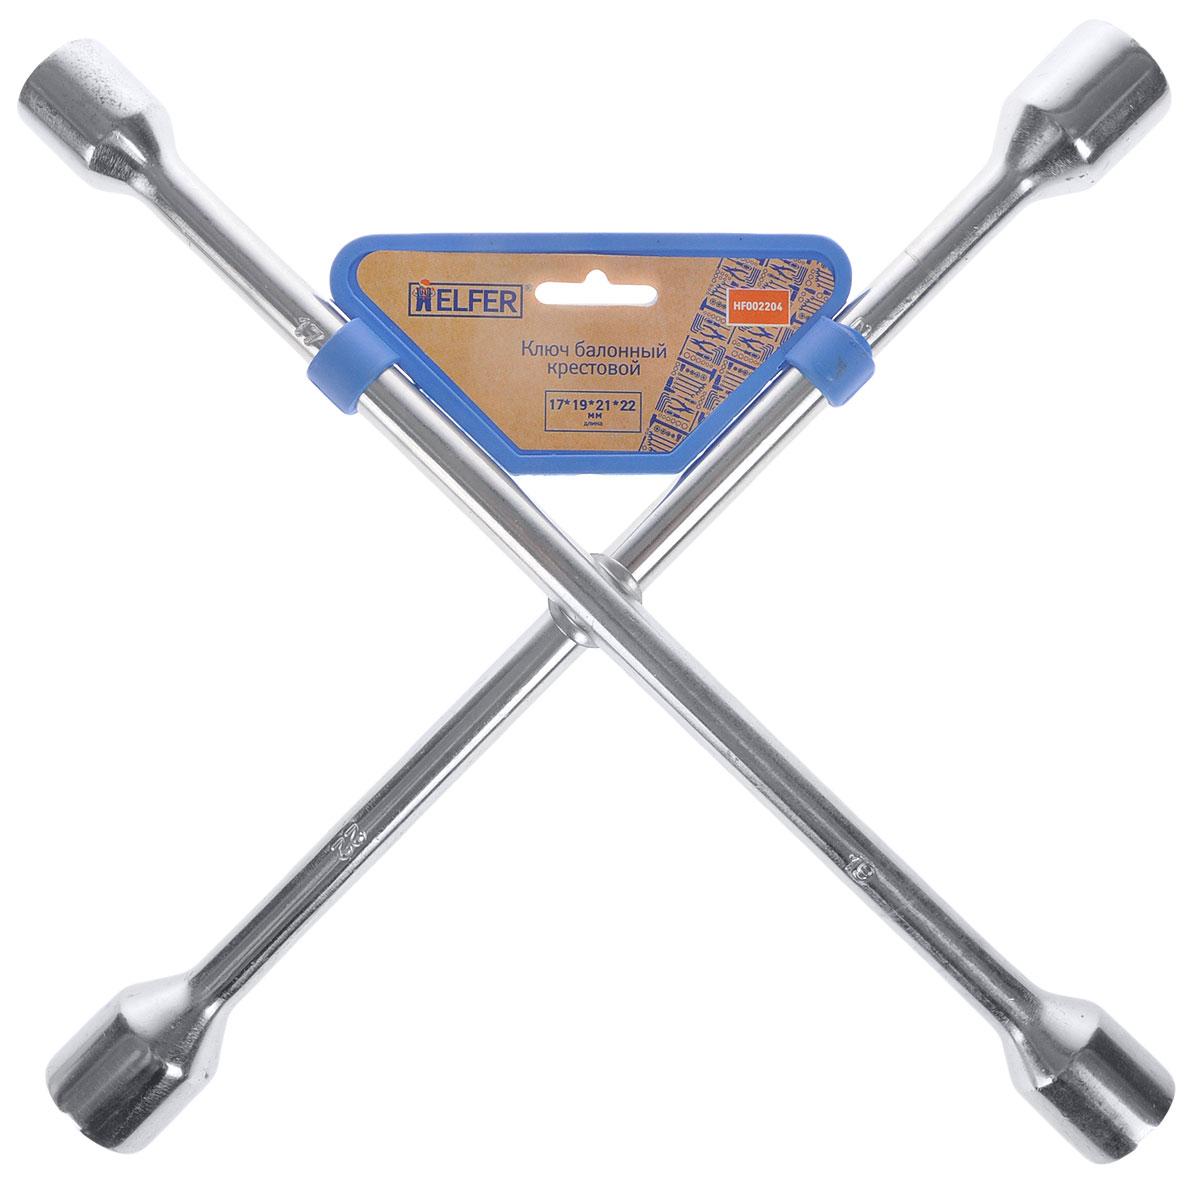 Ключ баллонный крестовой Helfer, 17мм, 19 мм, 21 мм, 22 мм21395599Баллонный крестовой ключ Helfer применяется для монтажа и демонтажа автомобильных колес. Такой инструмент является идеальным решением для использования в любых автосервисах. Данный ключ имеет четыре головки размерами 17 мм, 19 мм, 21 мм и 22 мм. Ключ выполнен из высококачественной стали.